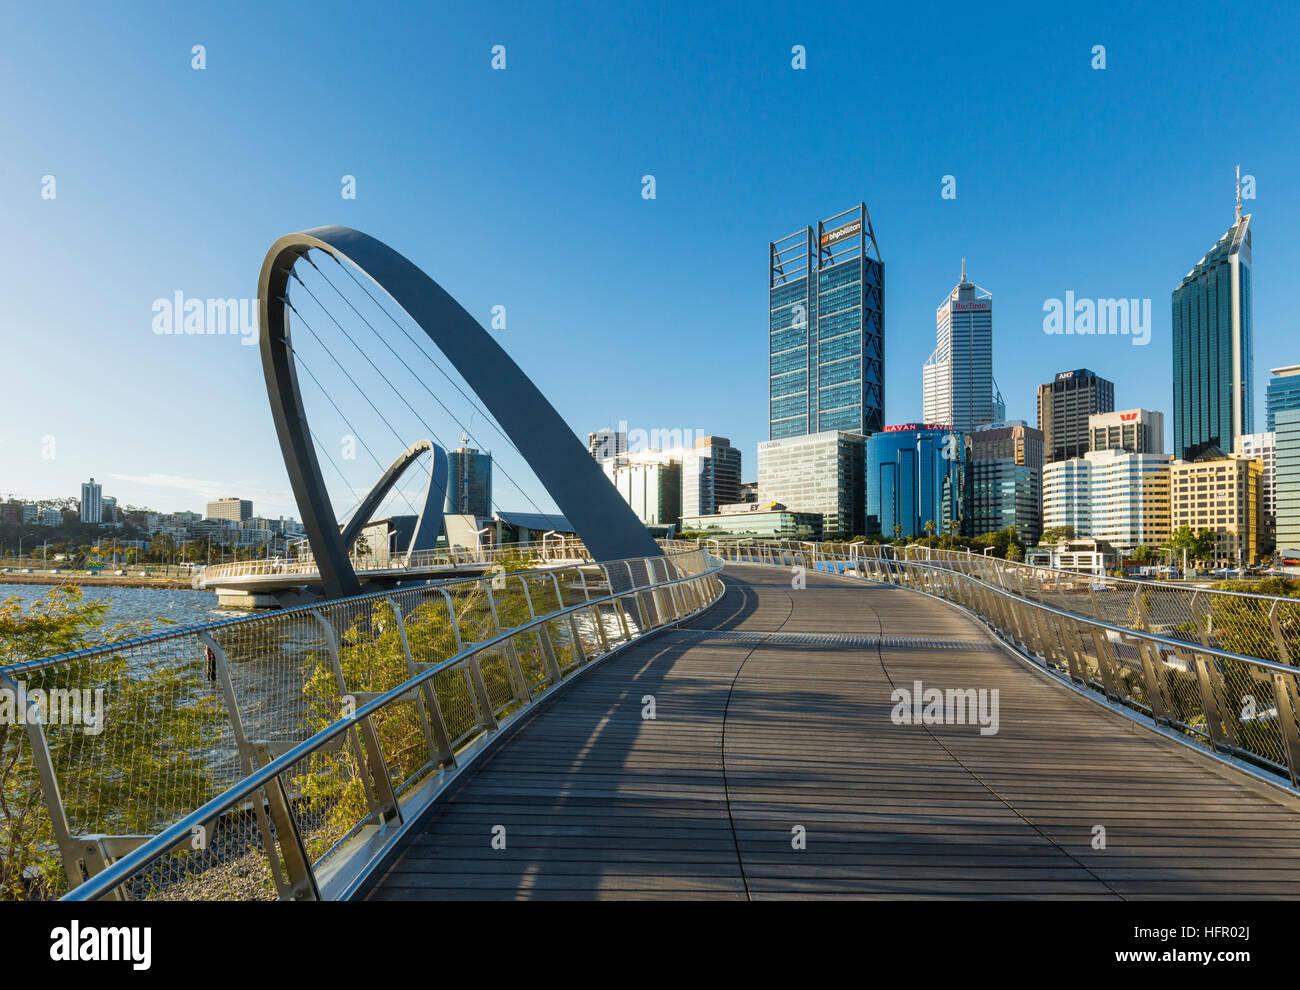 Vista lungo la banchina di Elizabeth ponte pedonale per lo skyline della città al di là, Perth, Australia Immagini Stock